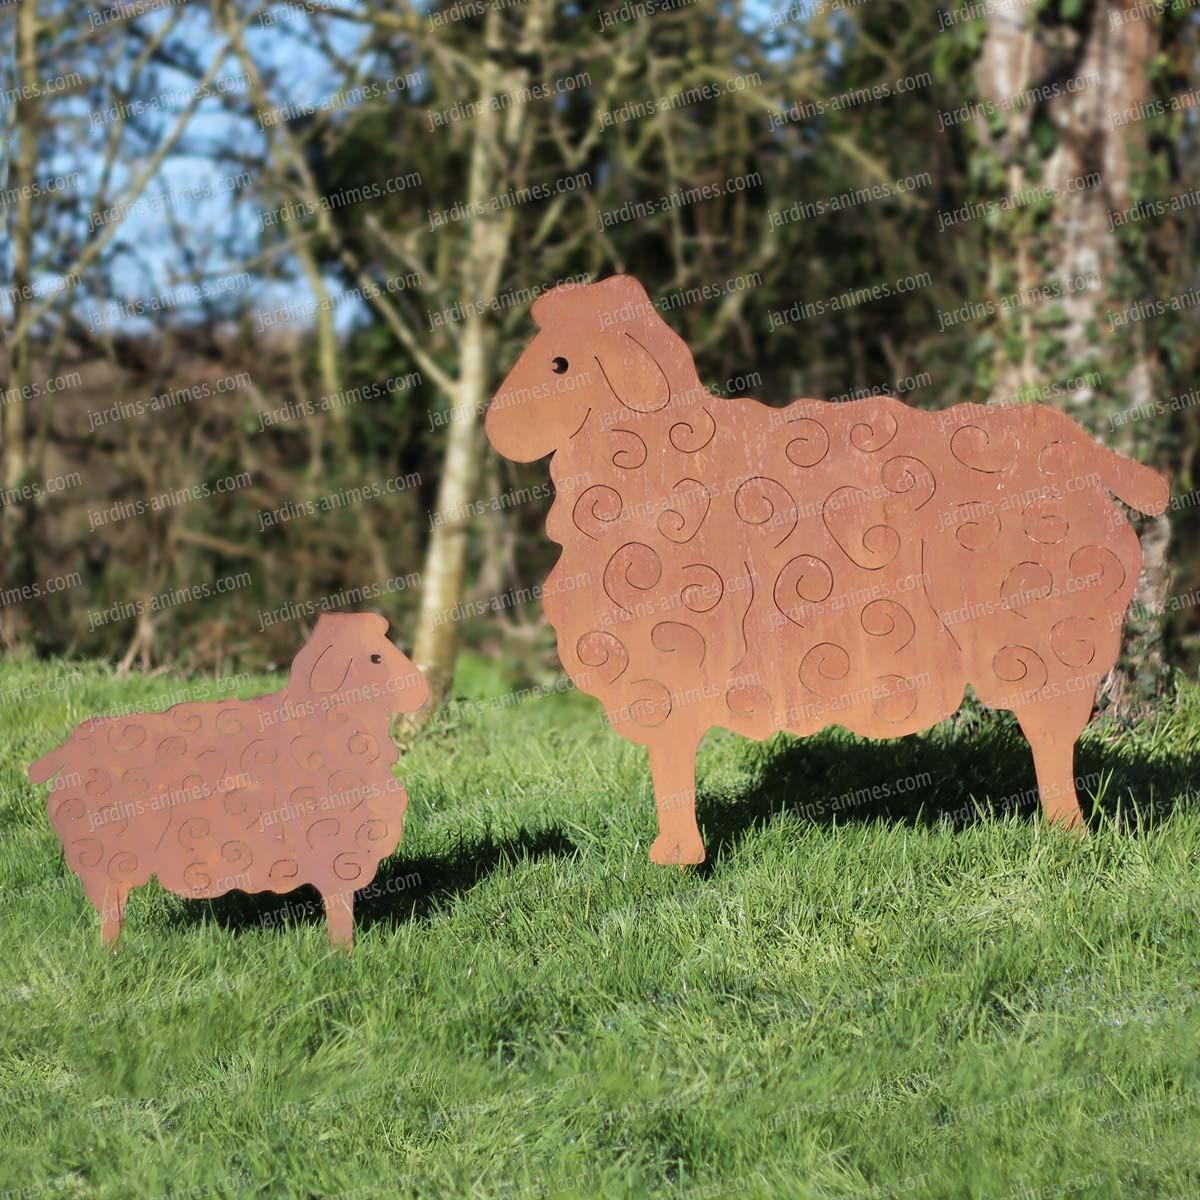 Silhouette mouton au choix d co de jardin en m tal - Animaux de jardin decoration ...